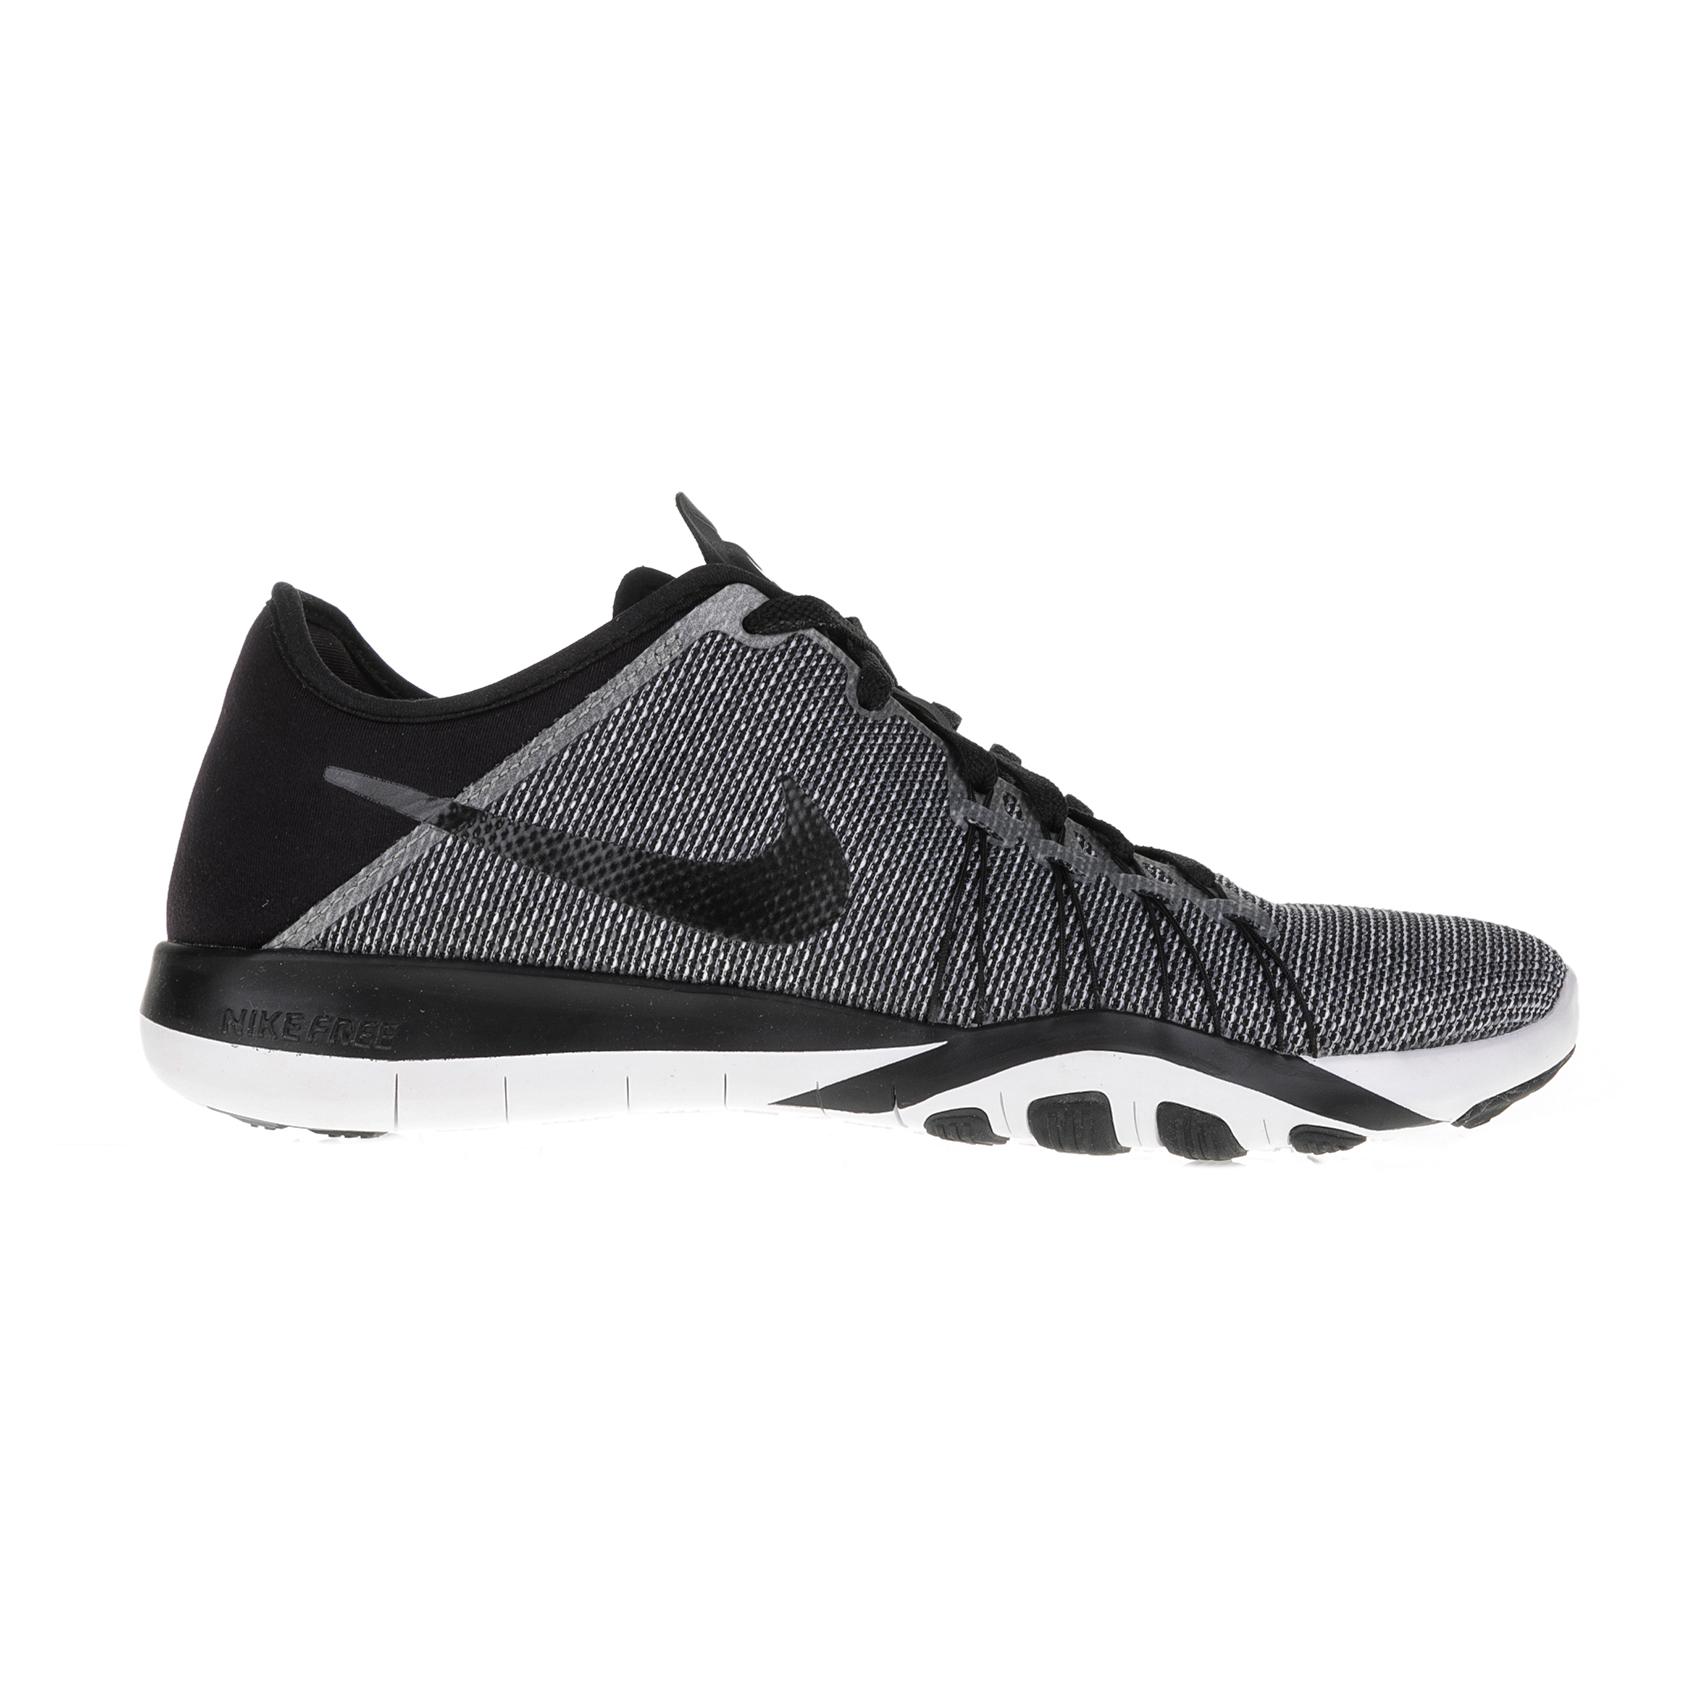 NIKE - Γυναικεία αθλητικά παπούτσια Nike FREE TR 6 PRT μαύρα - γκρι